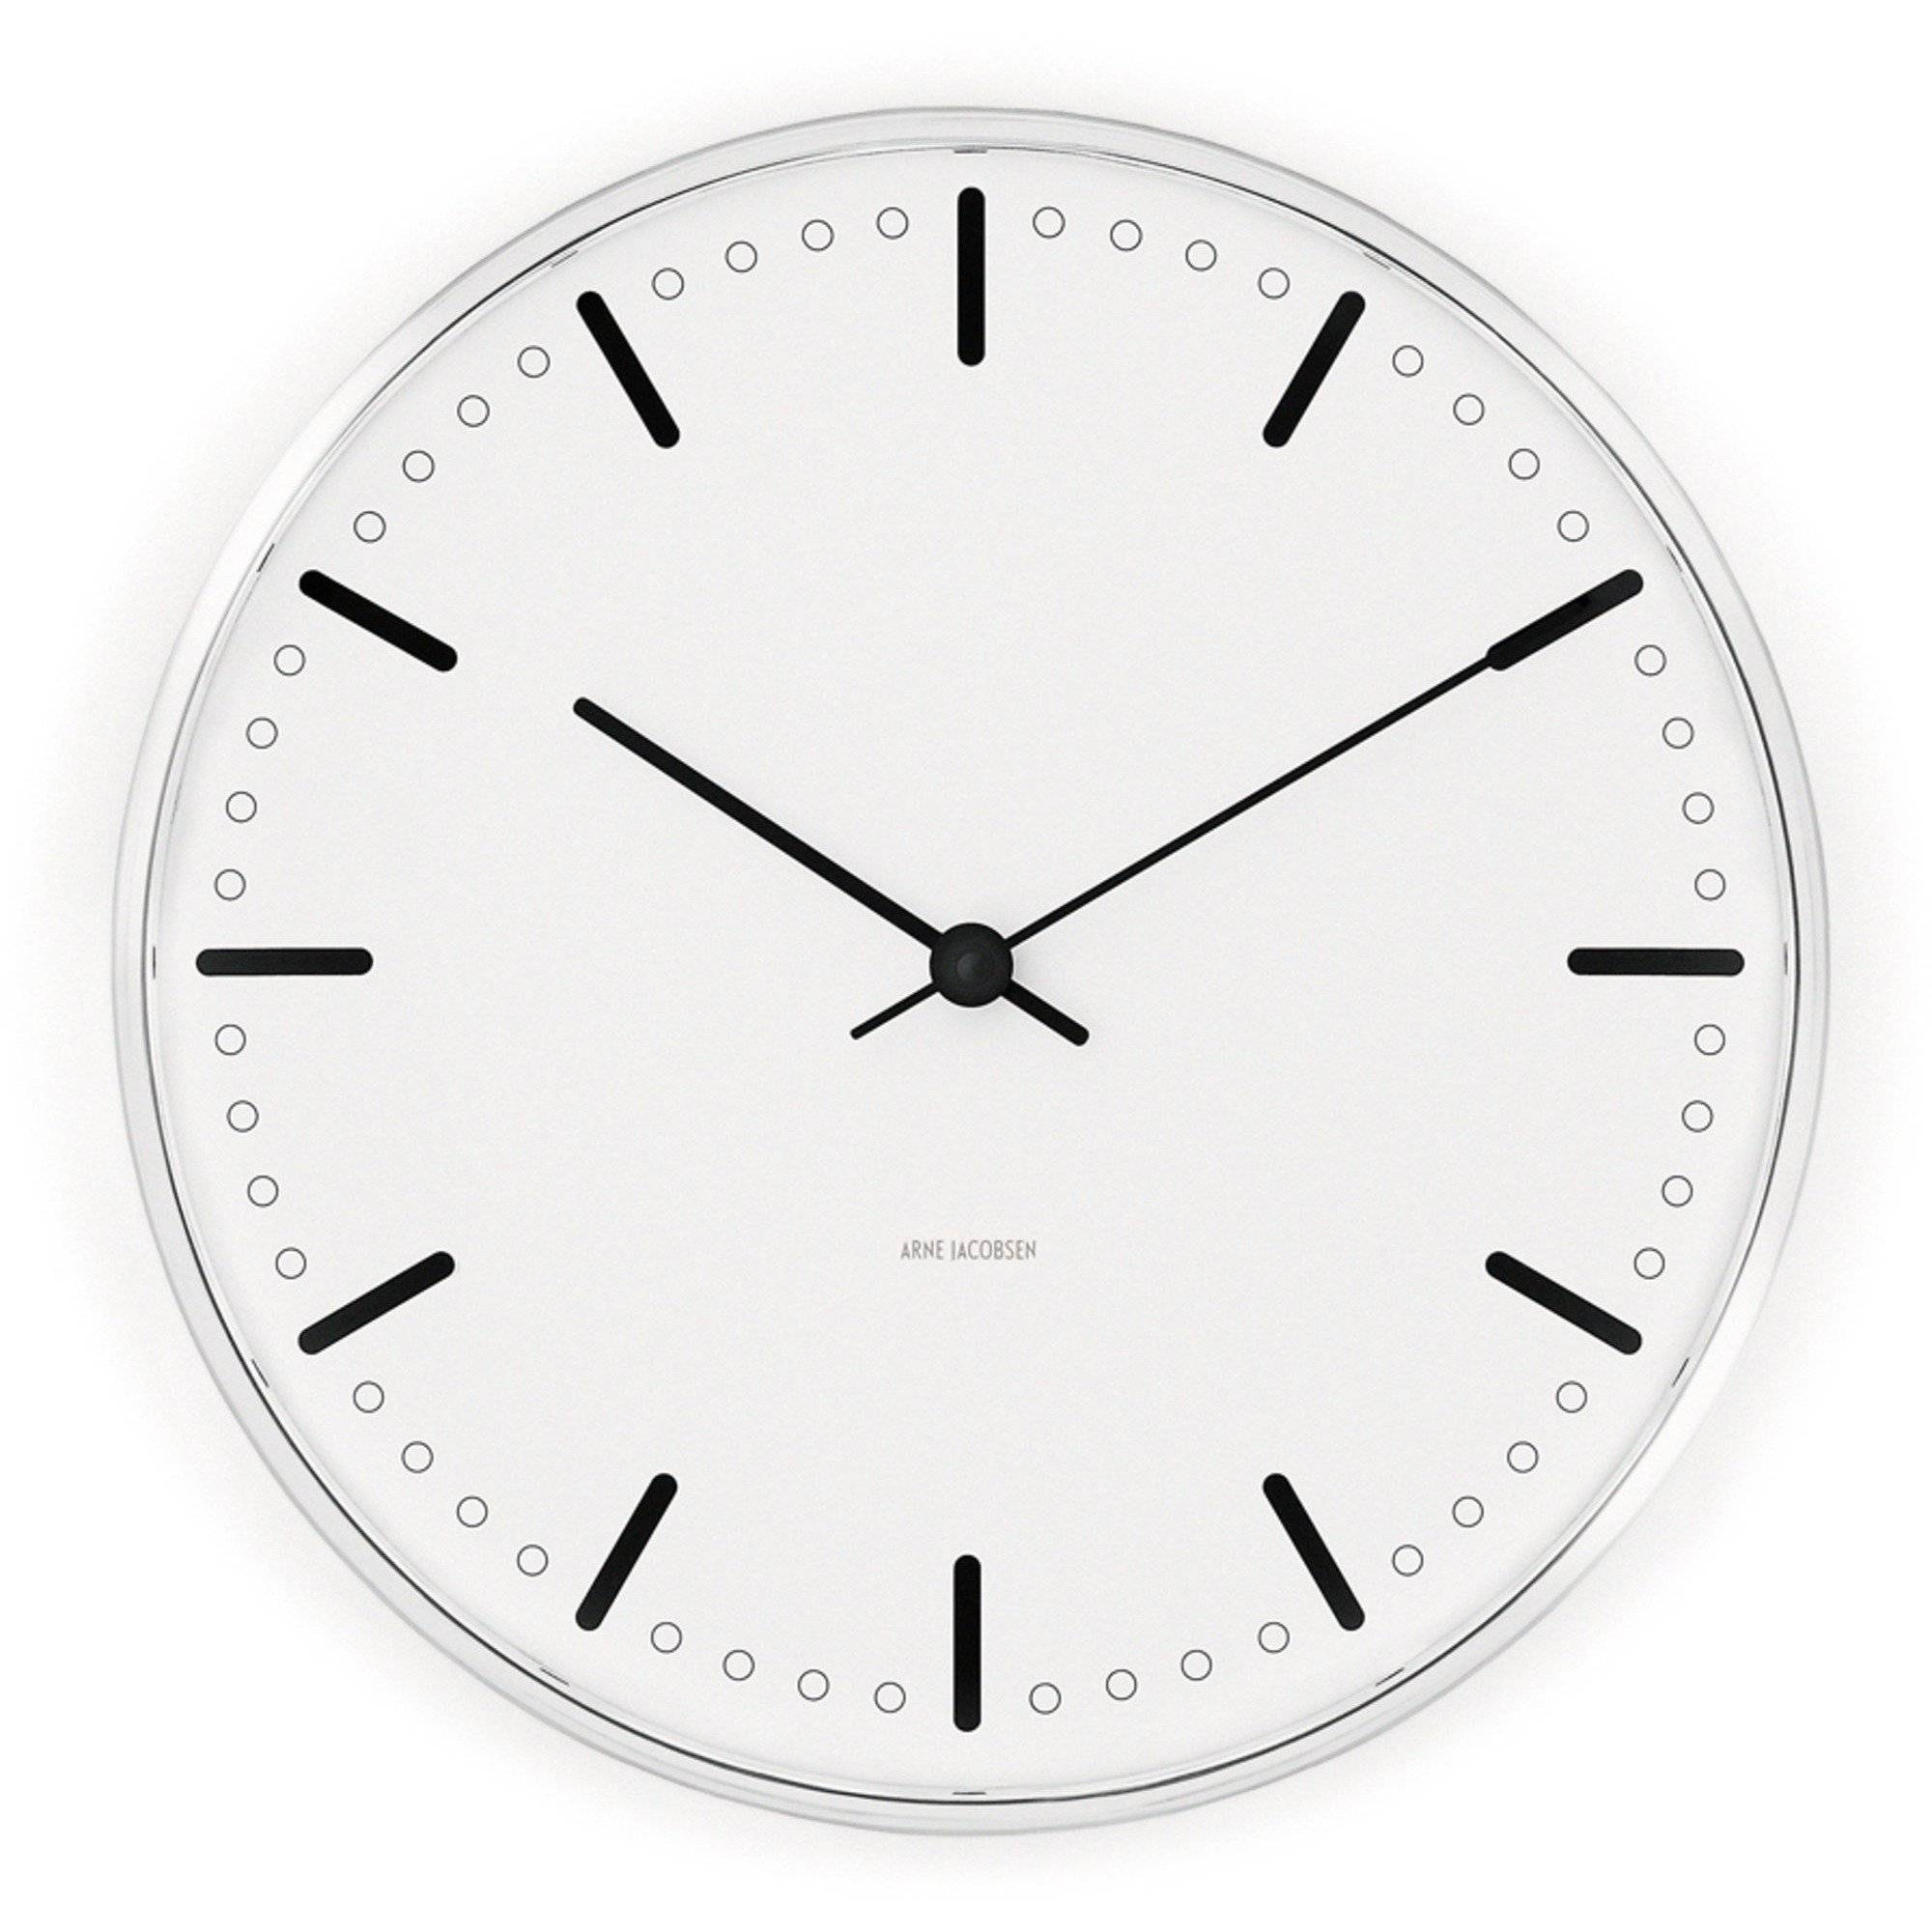 Arne Jacobsen City Hall Veggklokke 16 cm